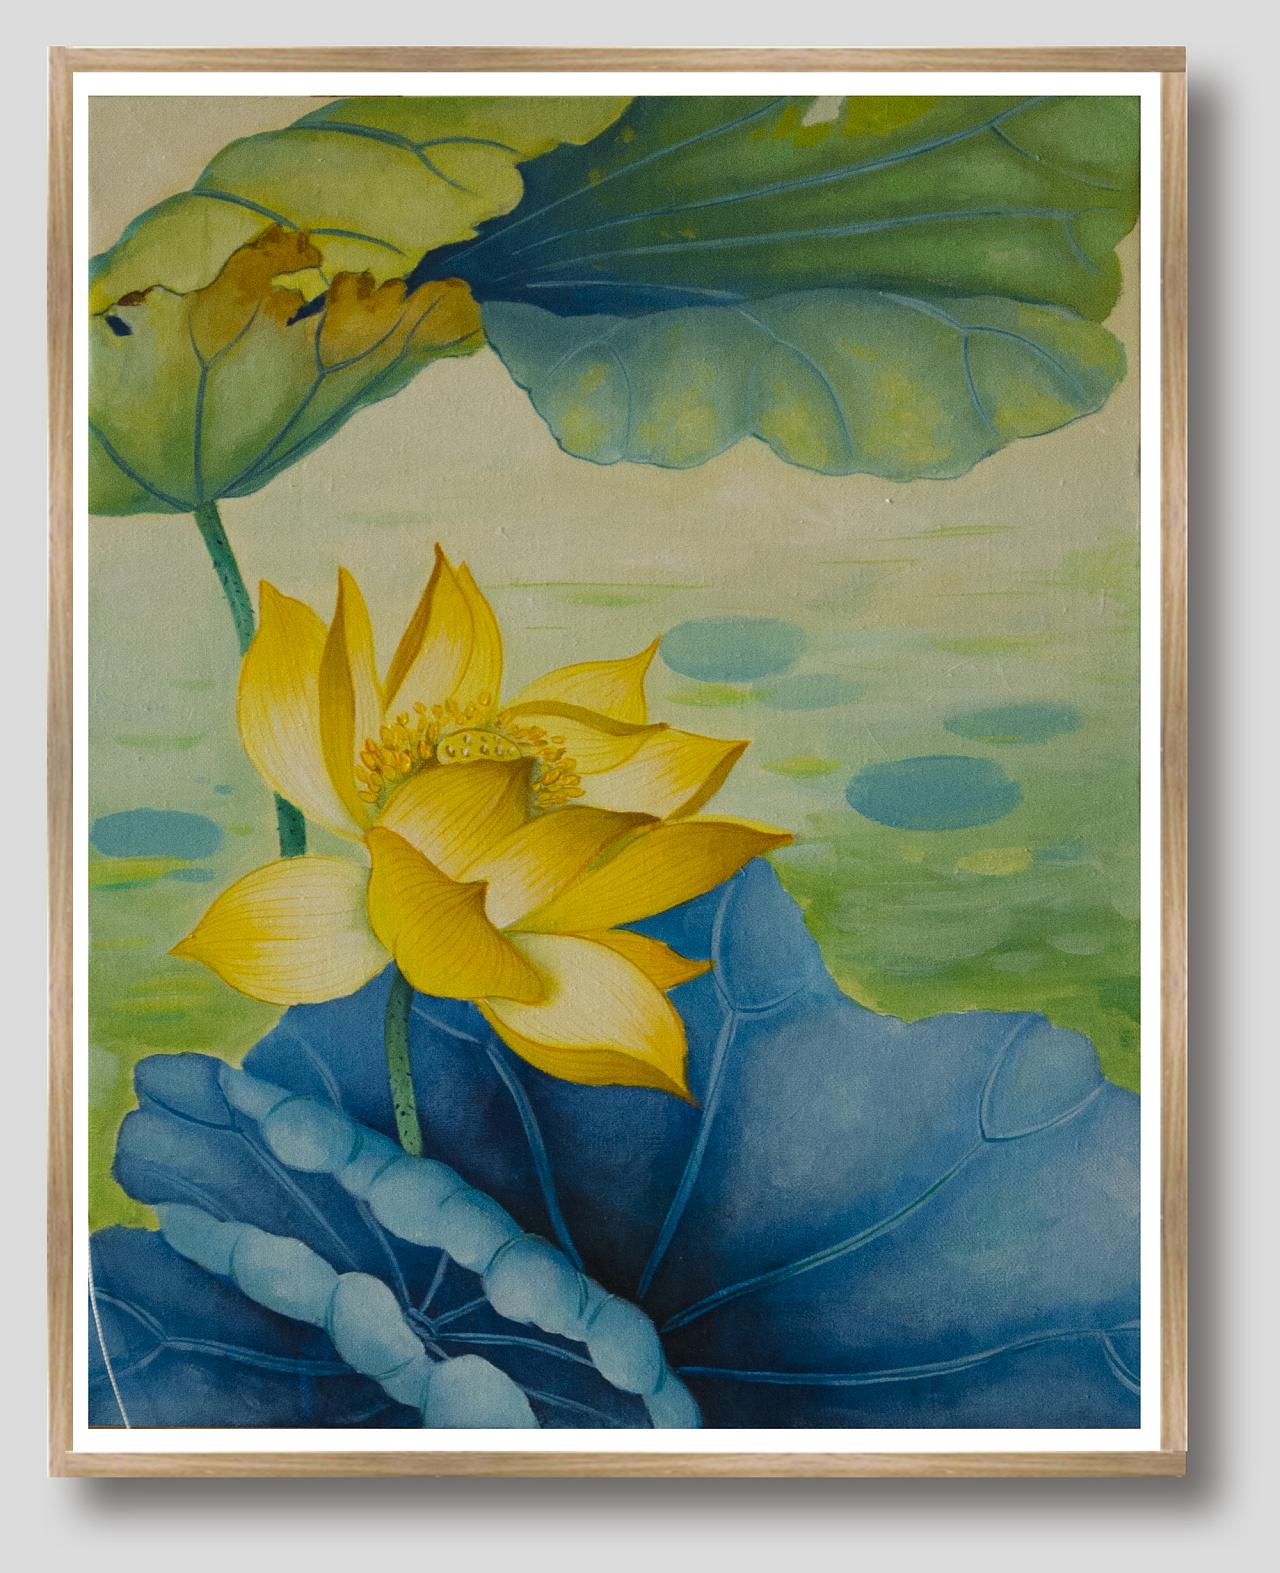 装饰画(荷花)系列|纯艺术|水粉|图图安 - 原创作品